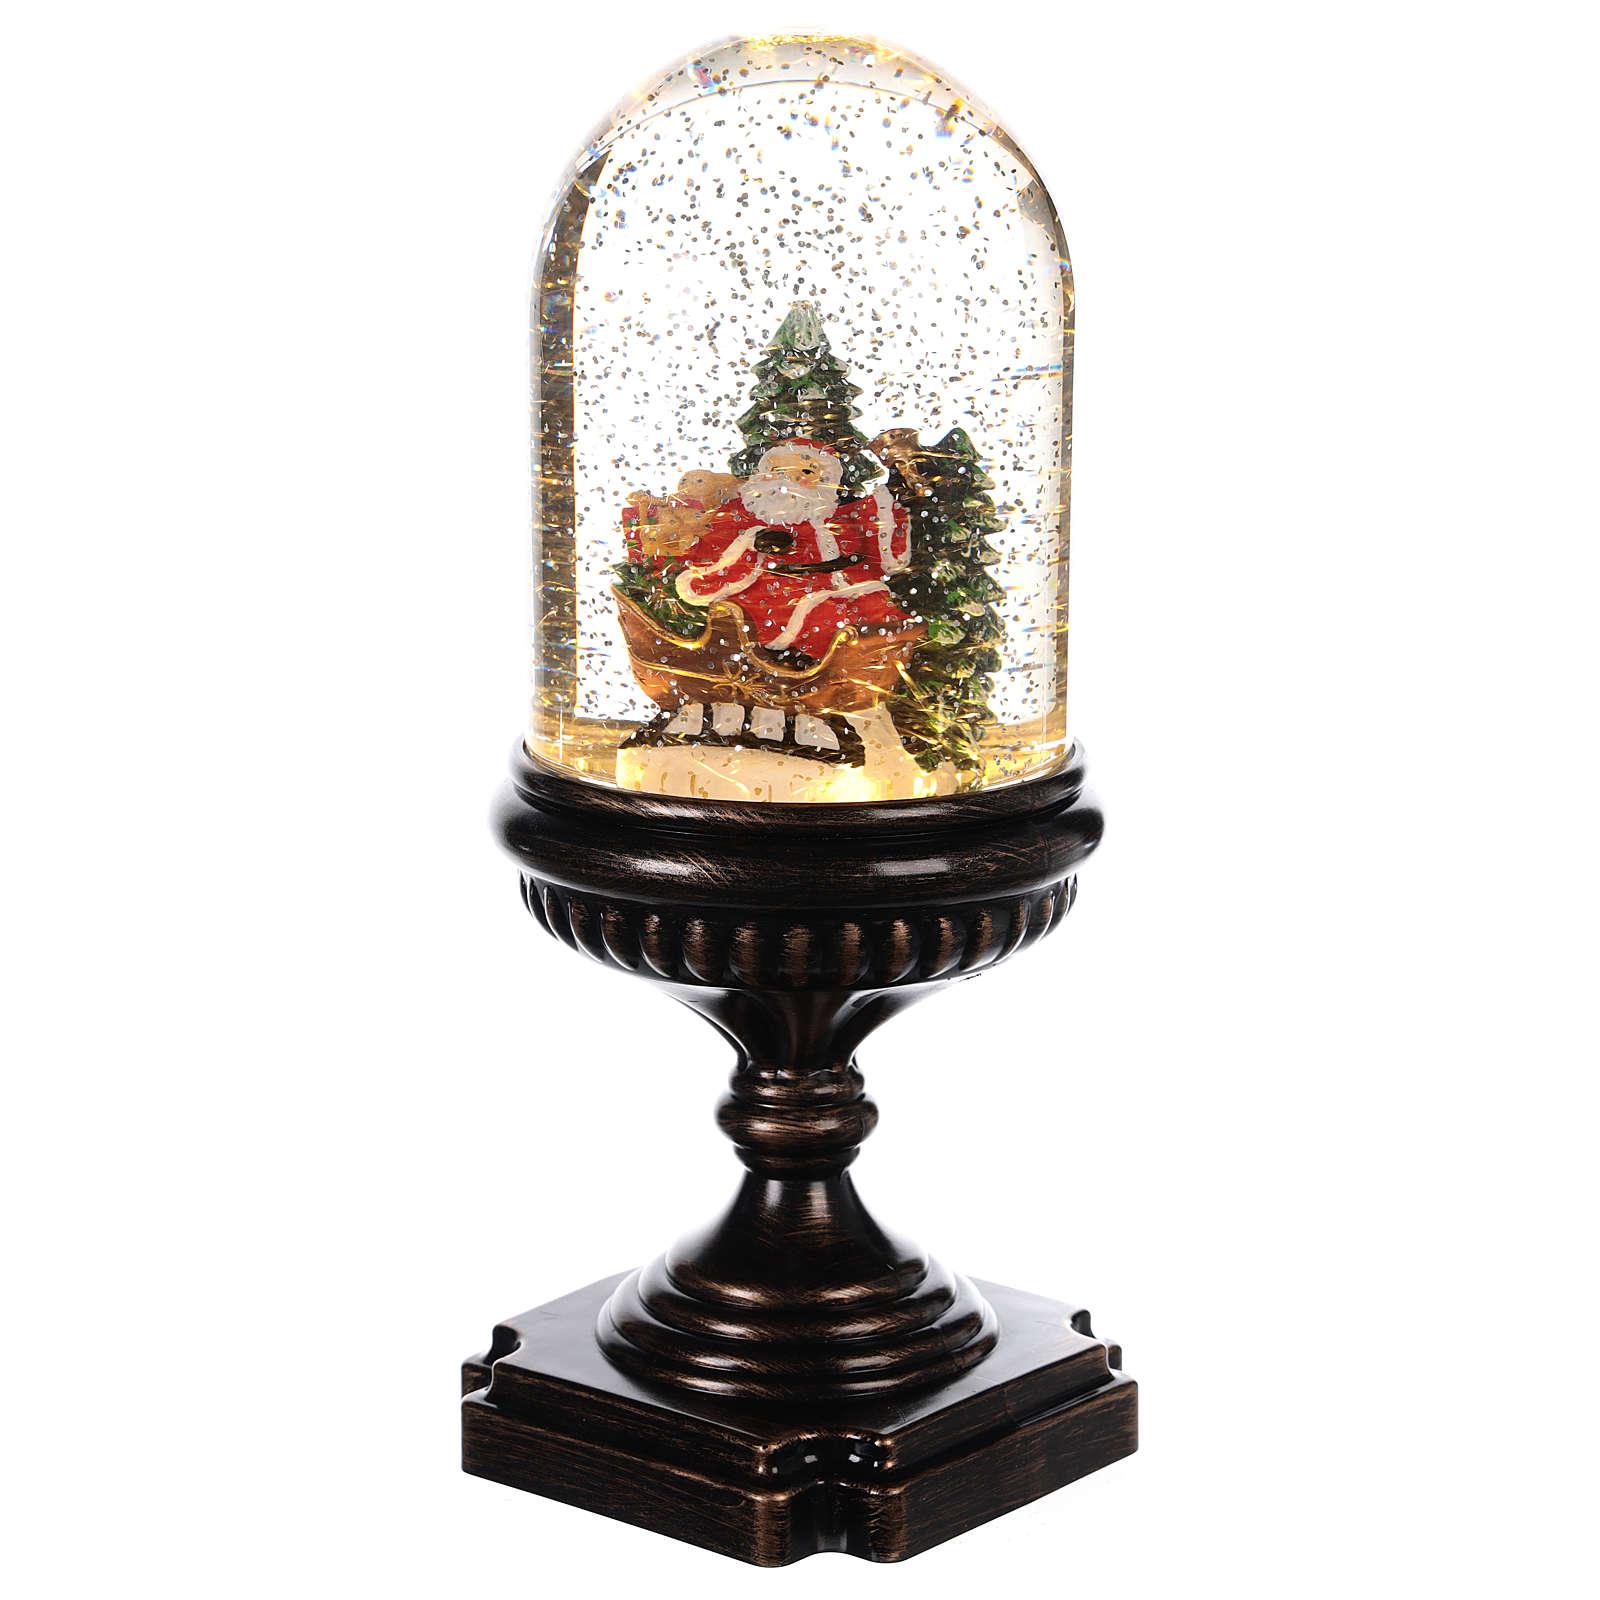 Kula świąteczna ze Świętym Mikołajem na saniach 25x12x12 cm 3